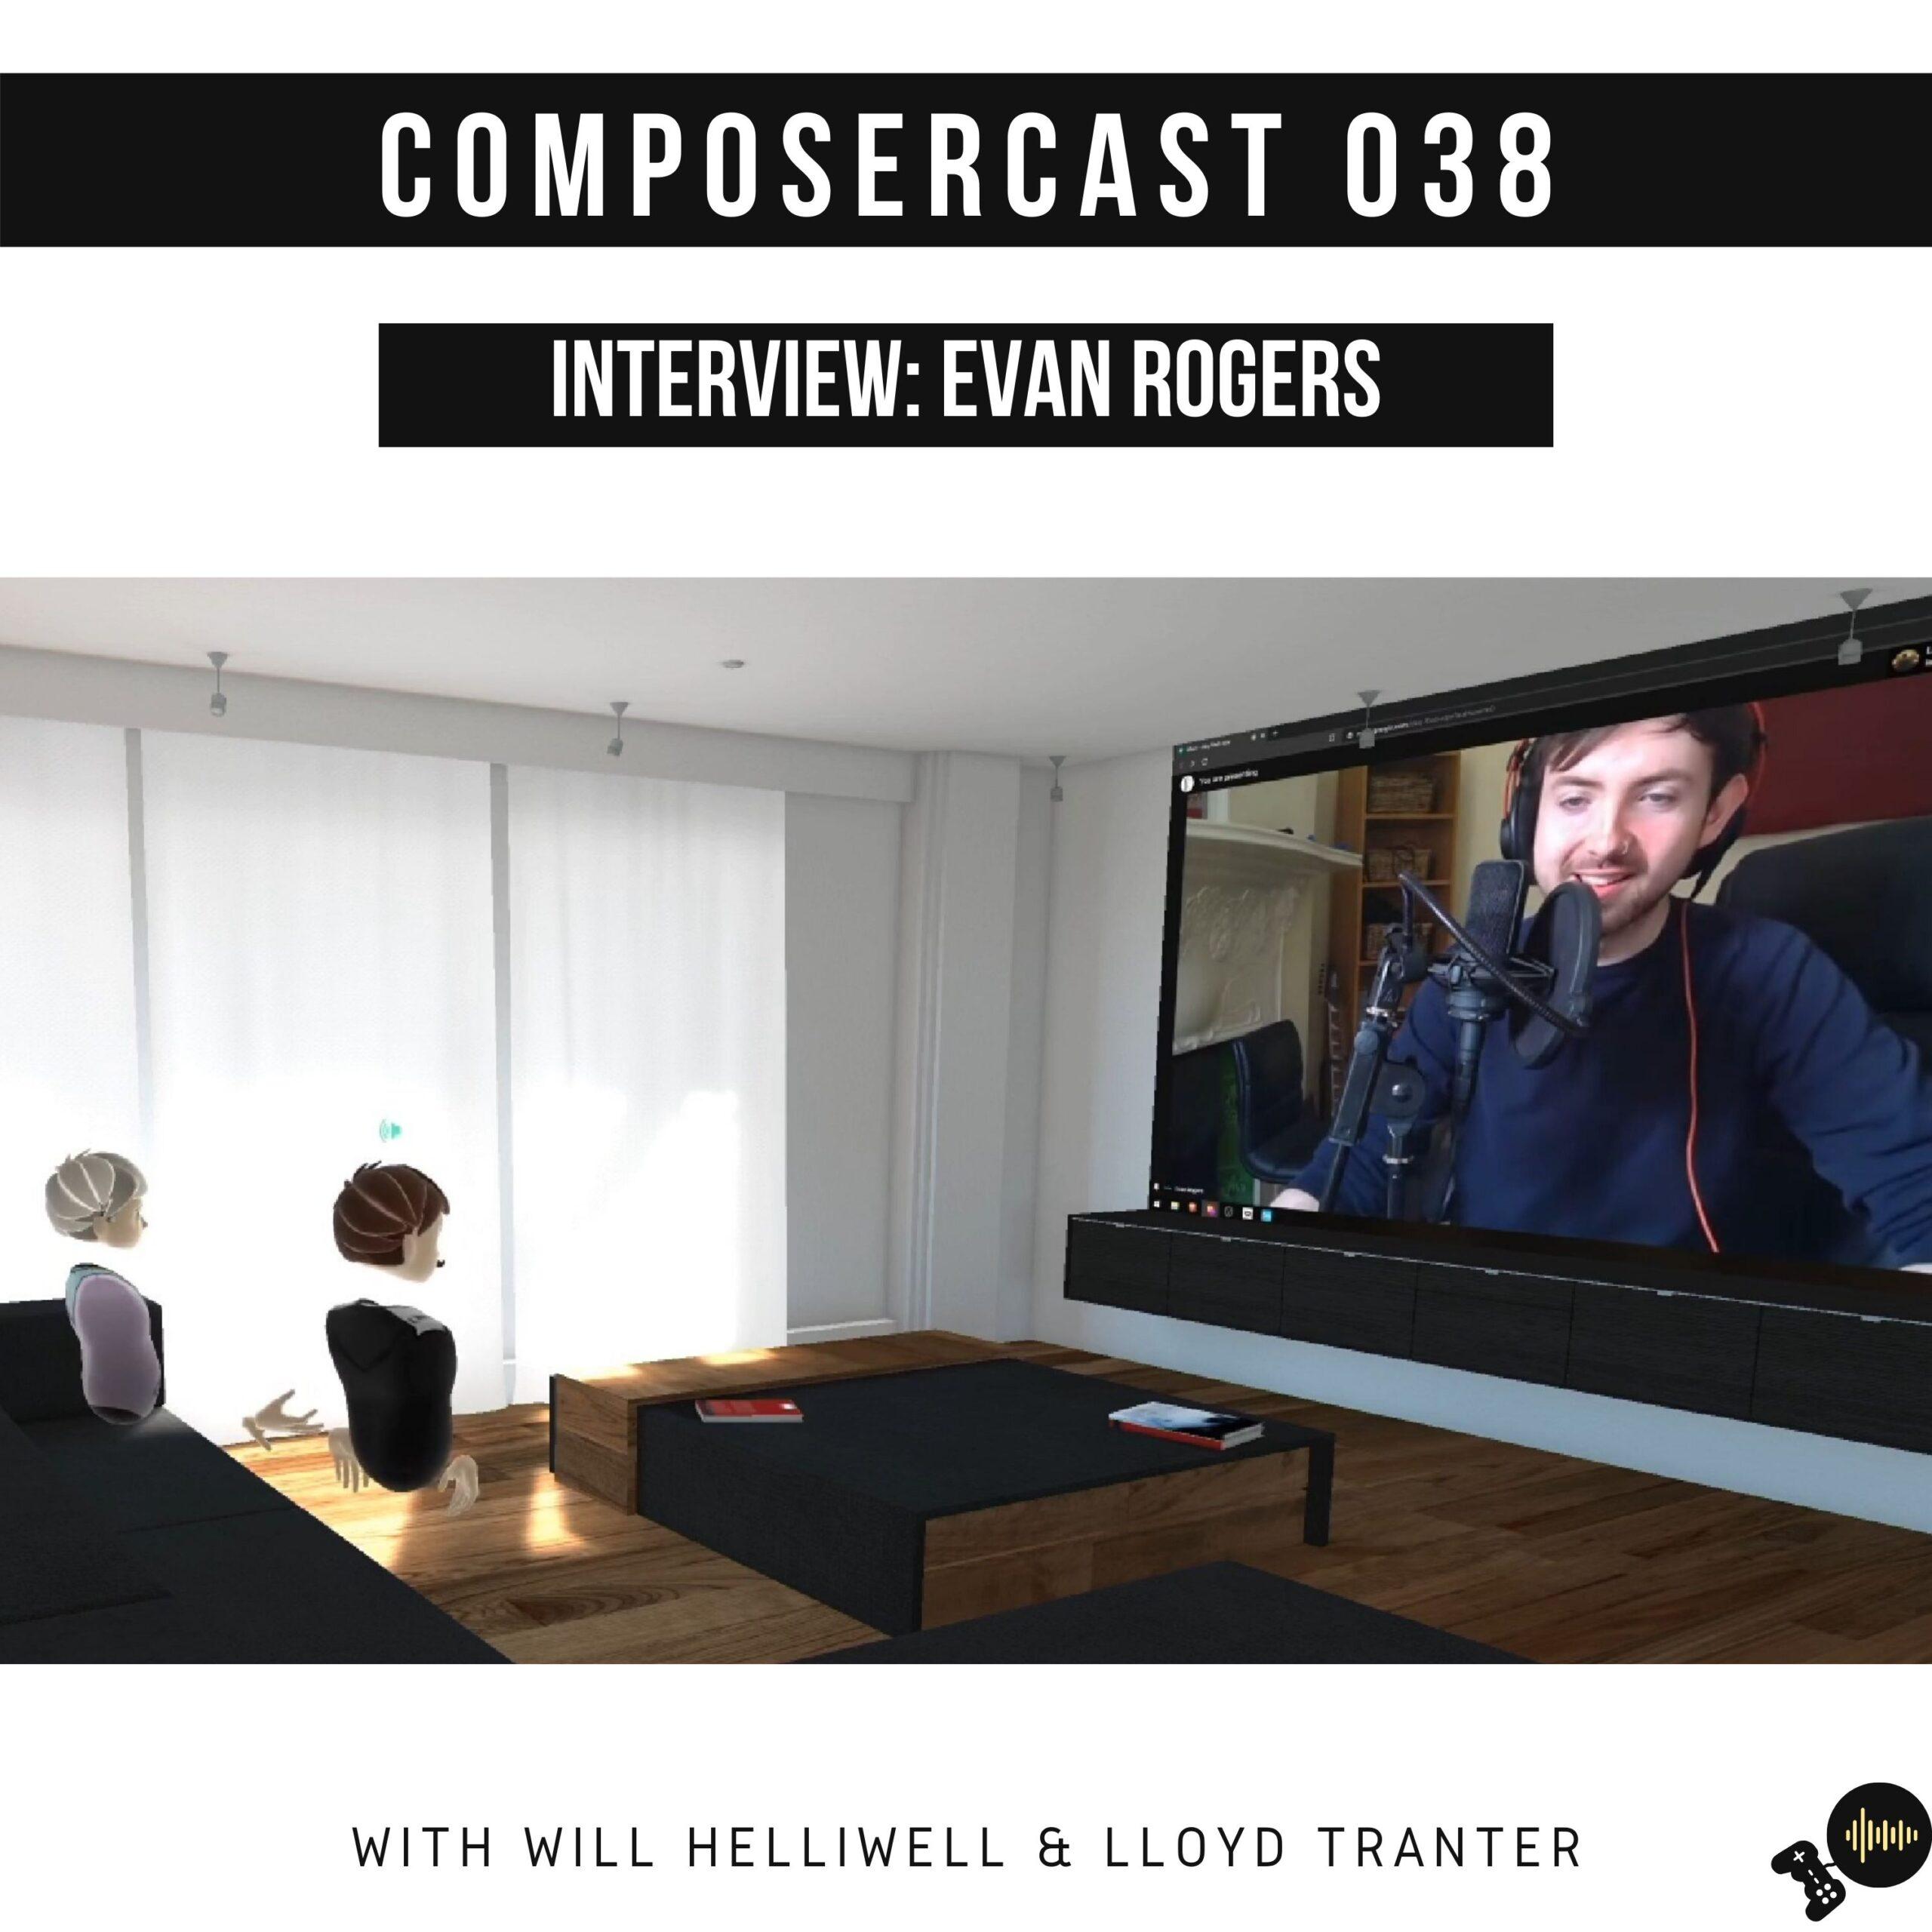 ComposerCast 038